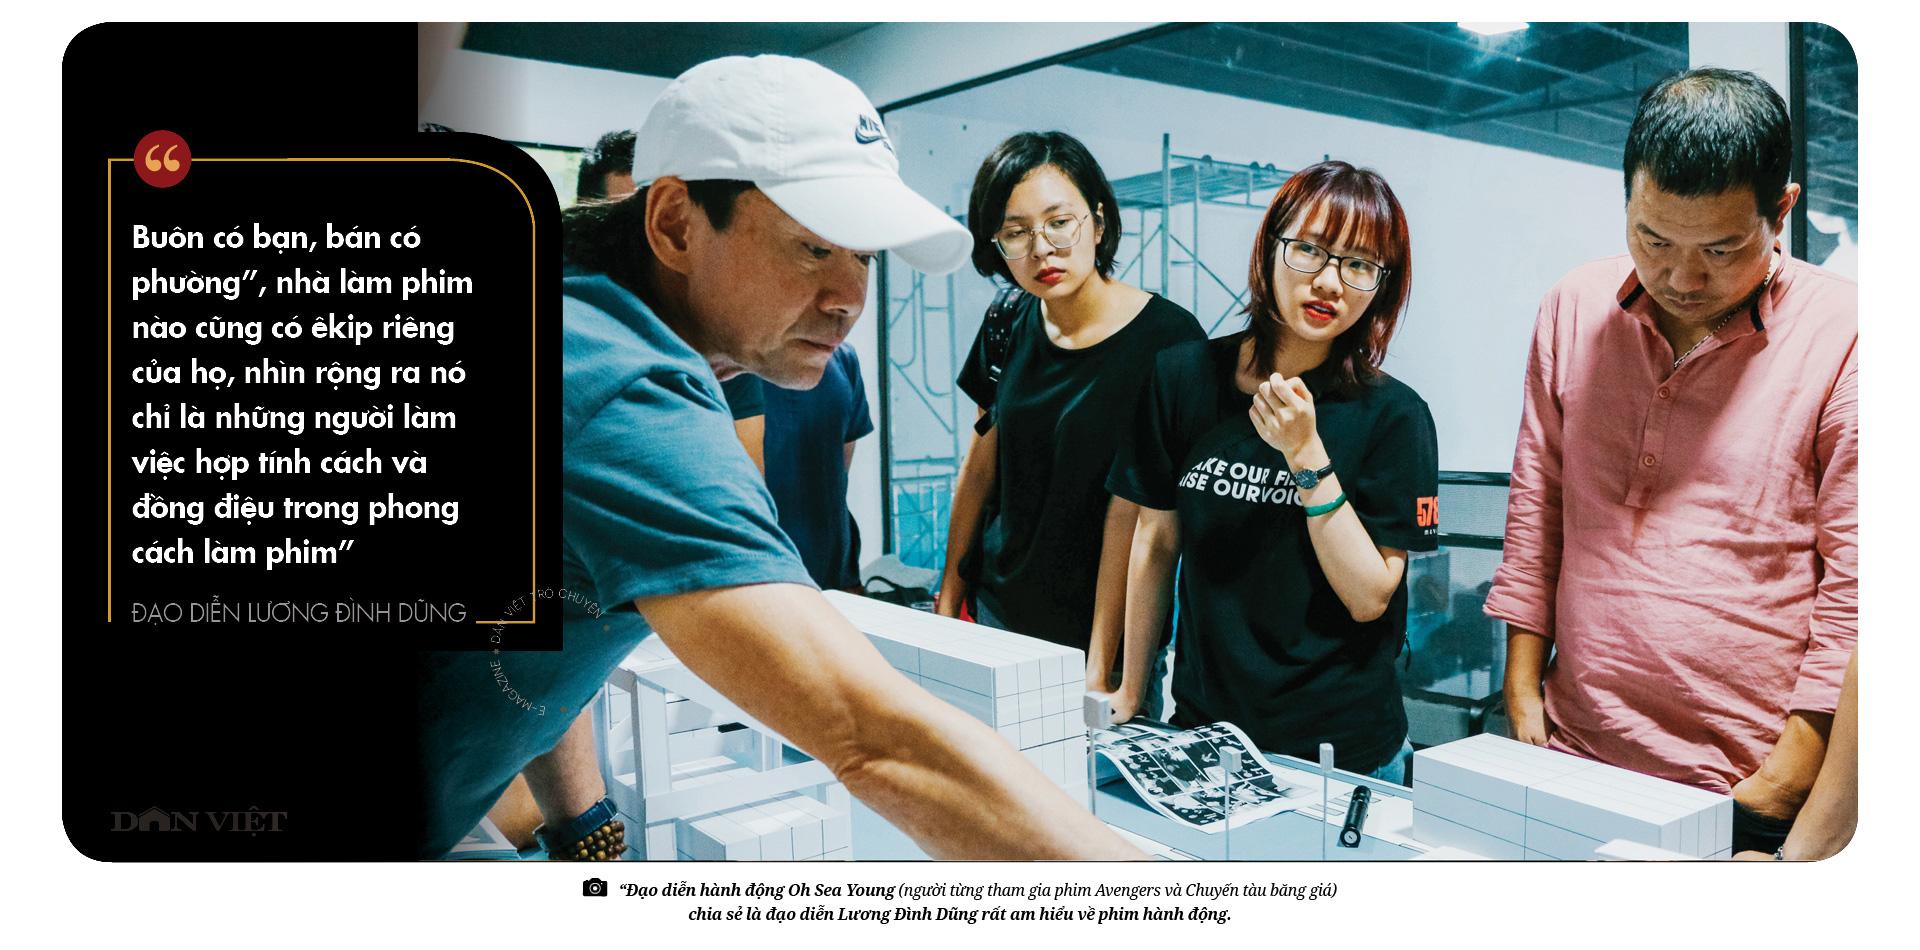 Đạo diễn Lương Đình Dũng: Sở trường của tôi là phim kinh dị và hành động  - Ảnh 7.